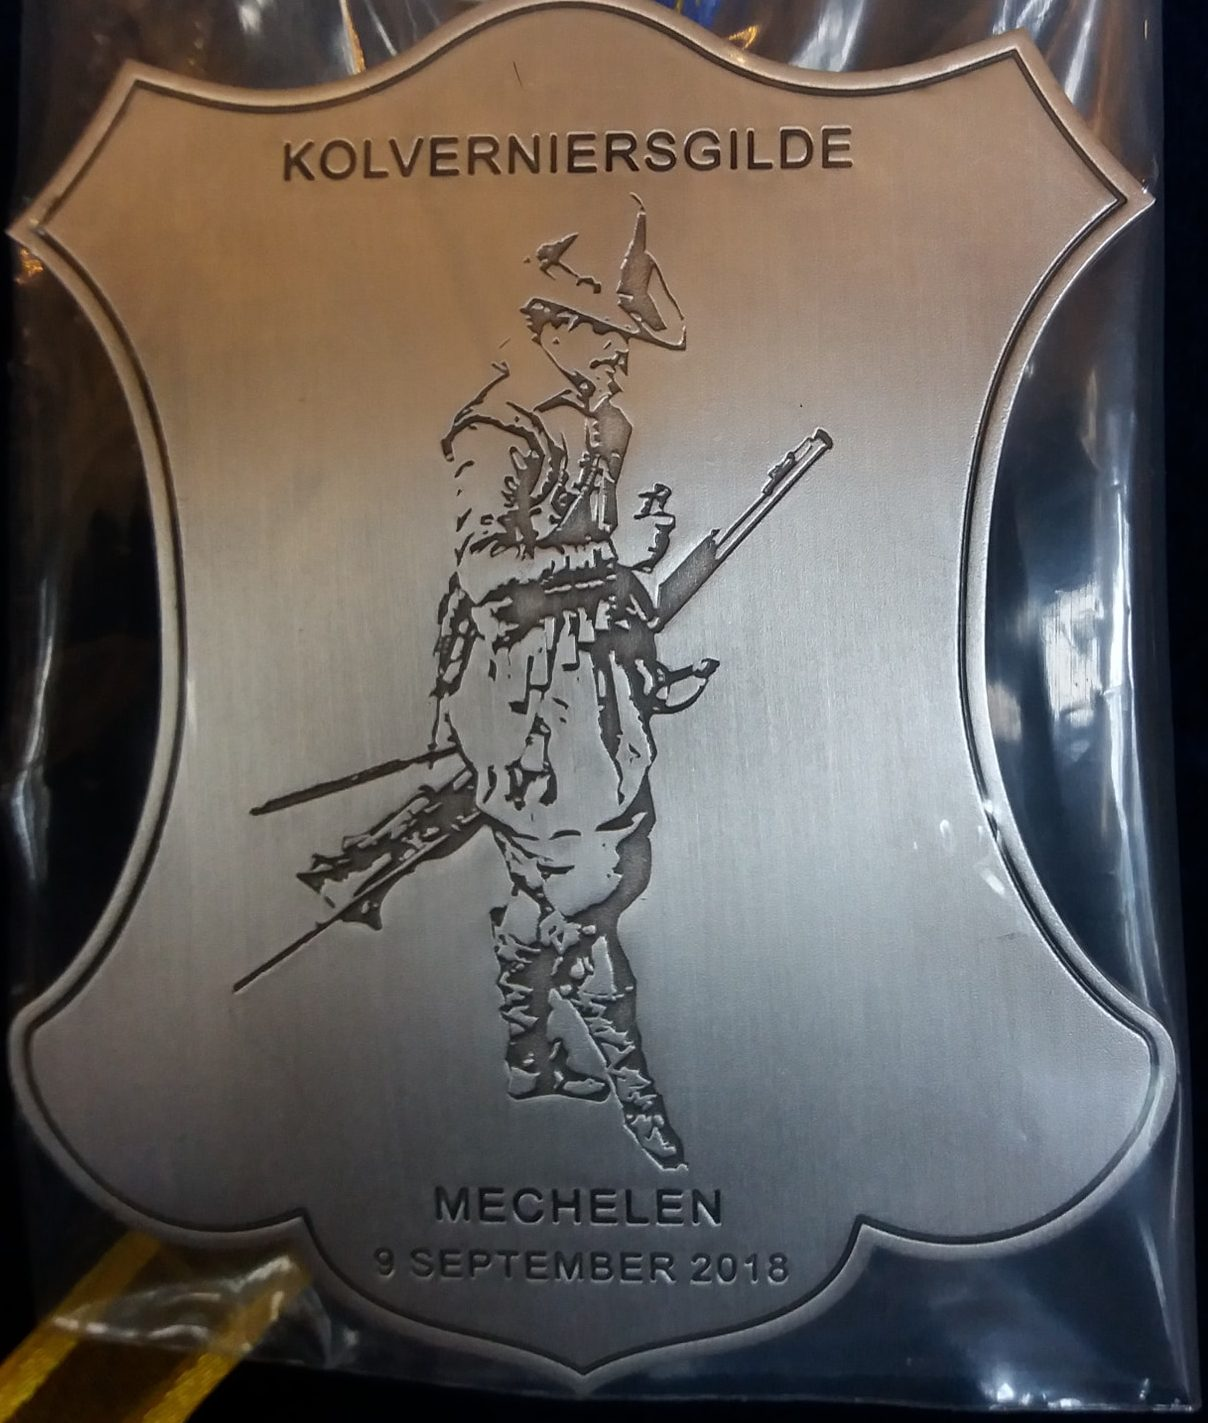 7de Mechels Gildejuweel 09/09/2018